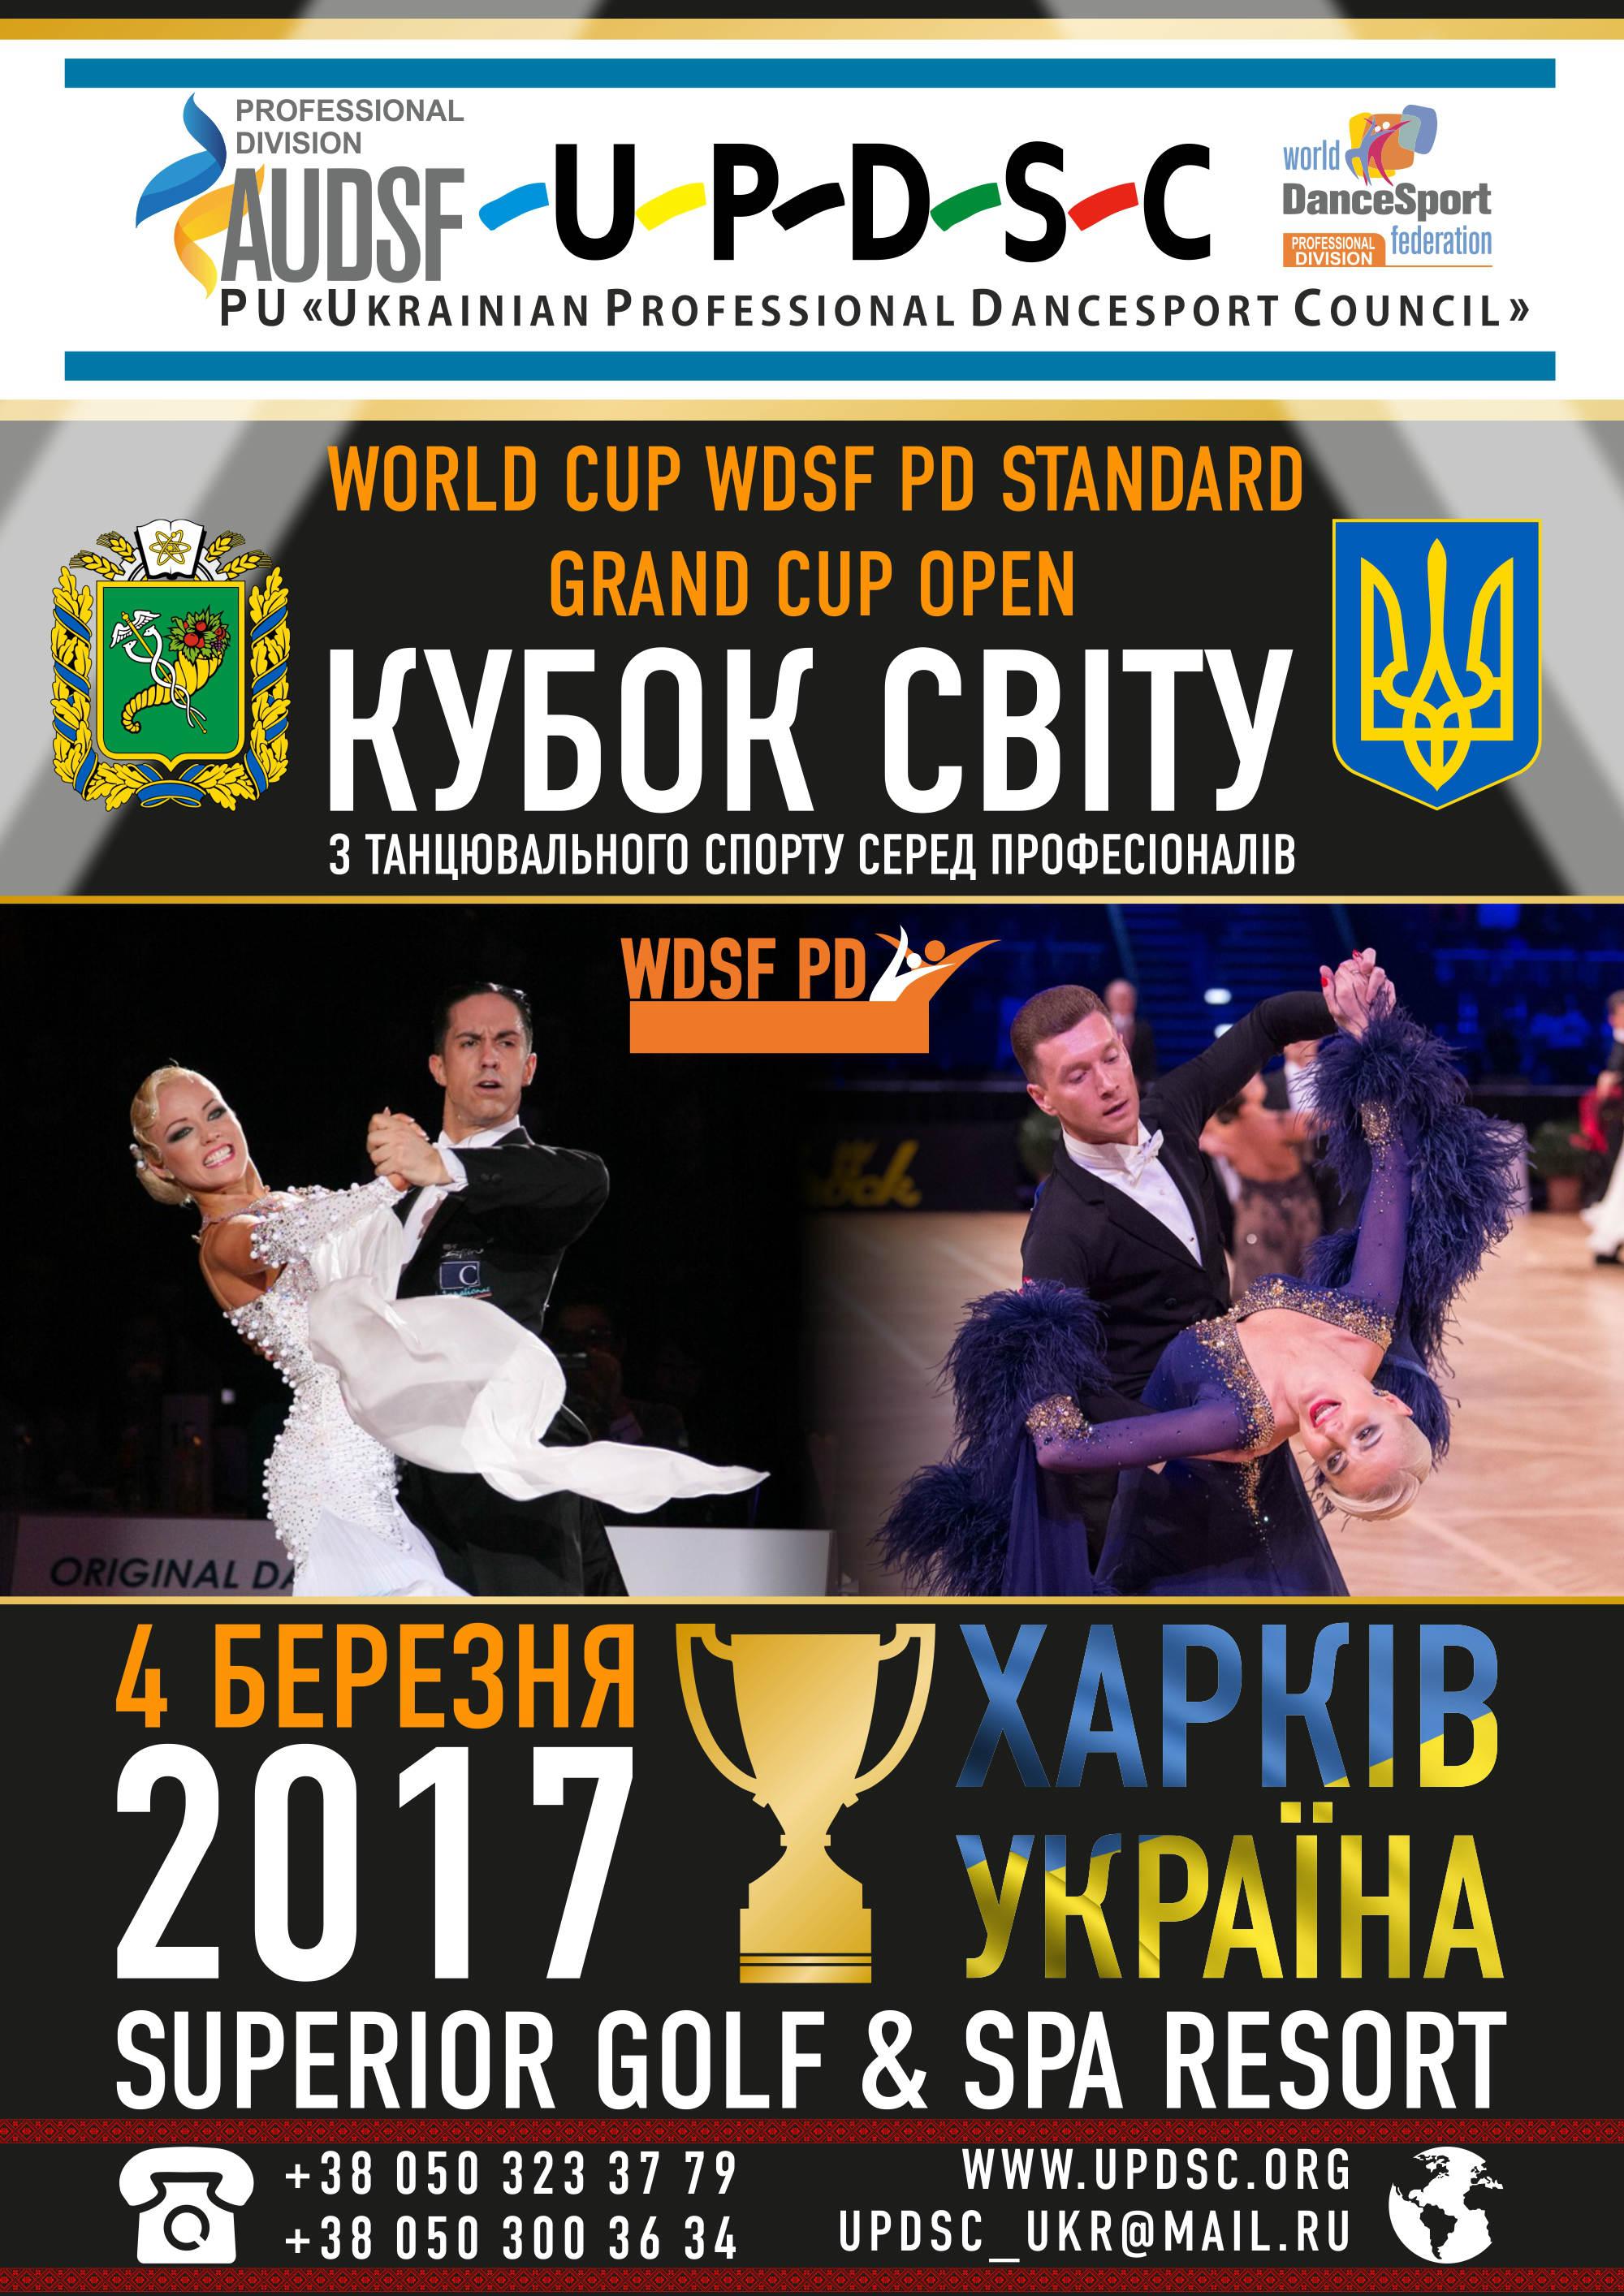 wdsf_polusytok-maslo_3